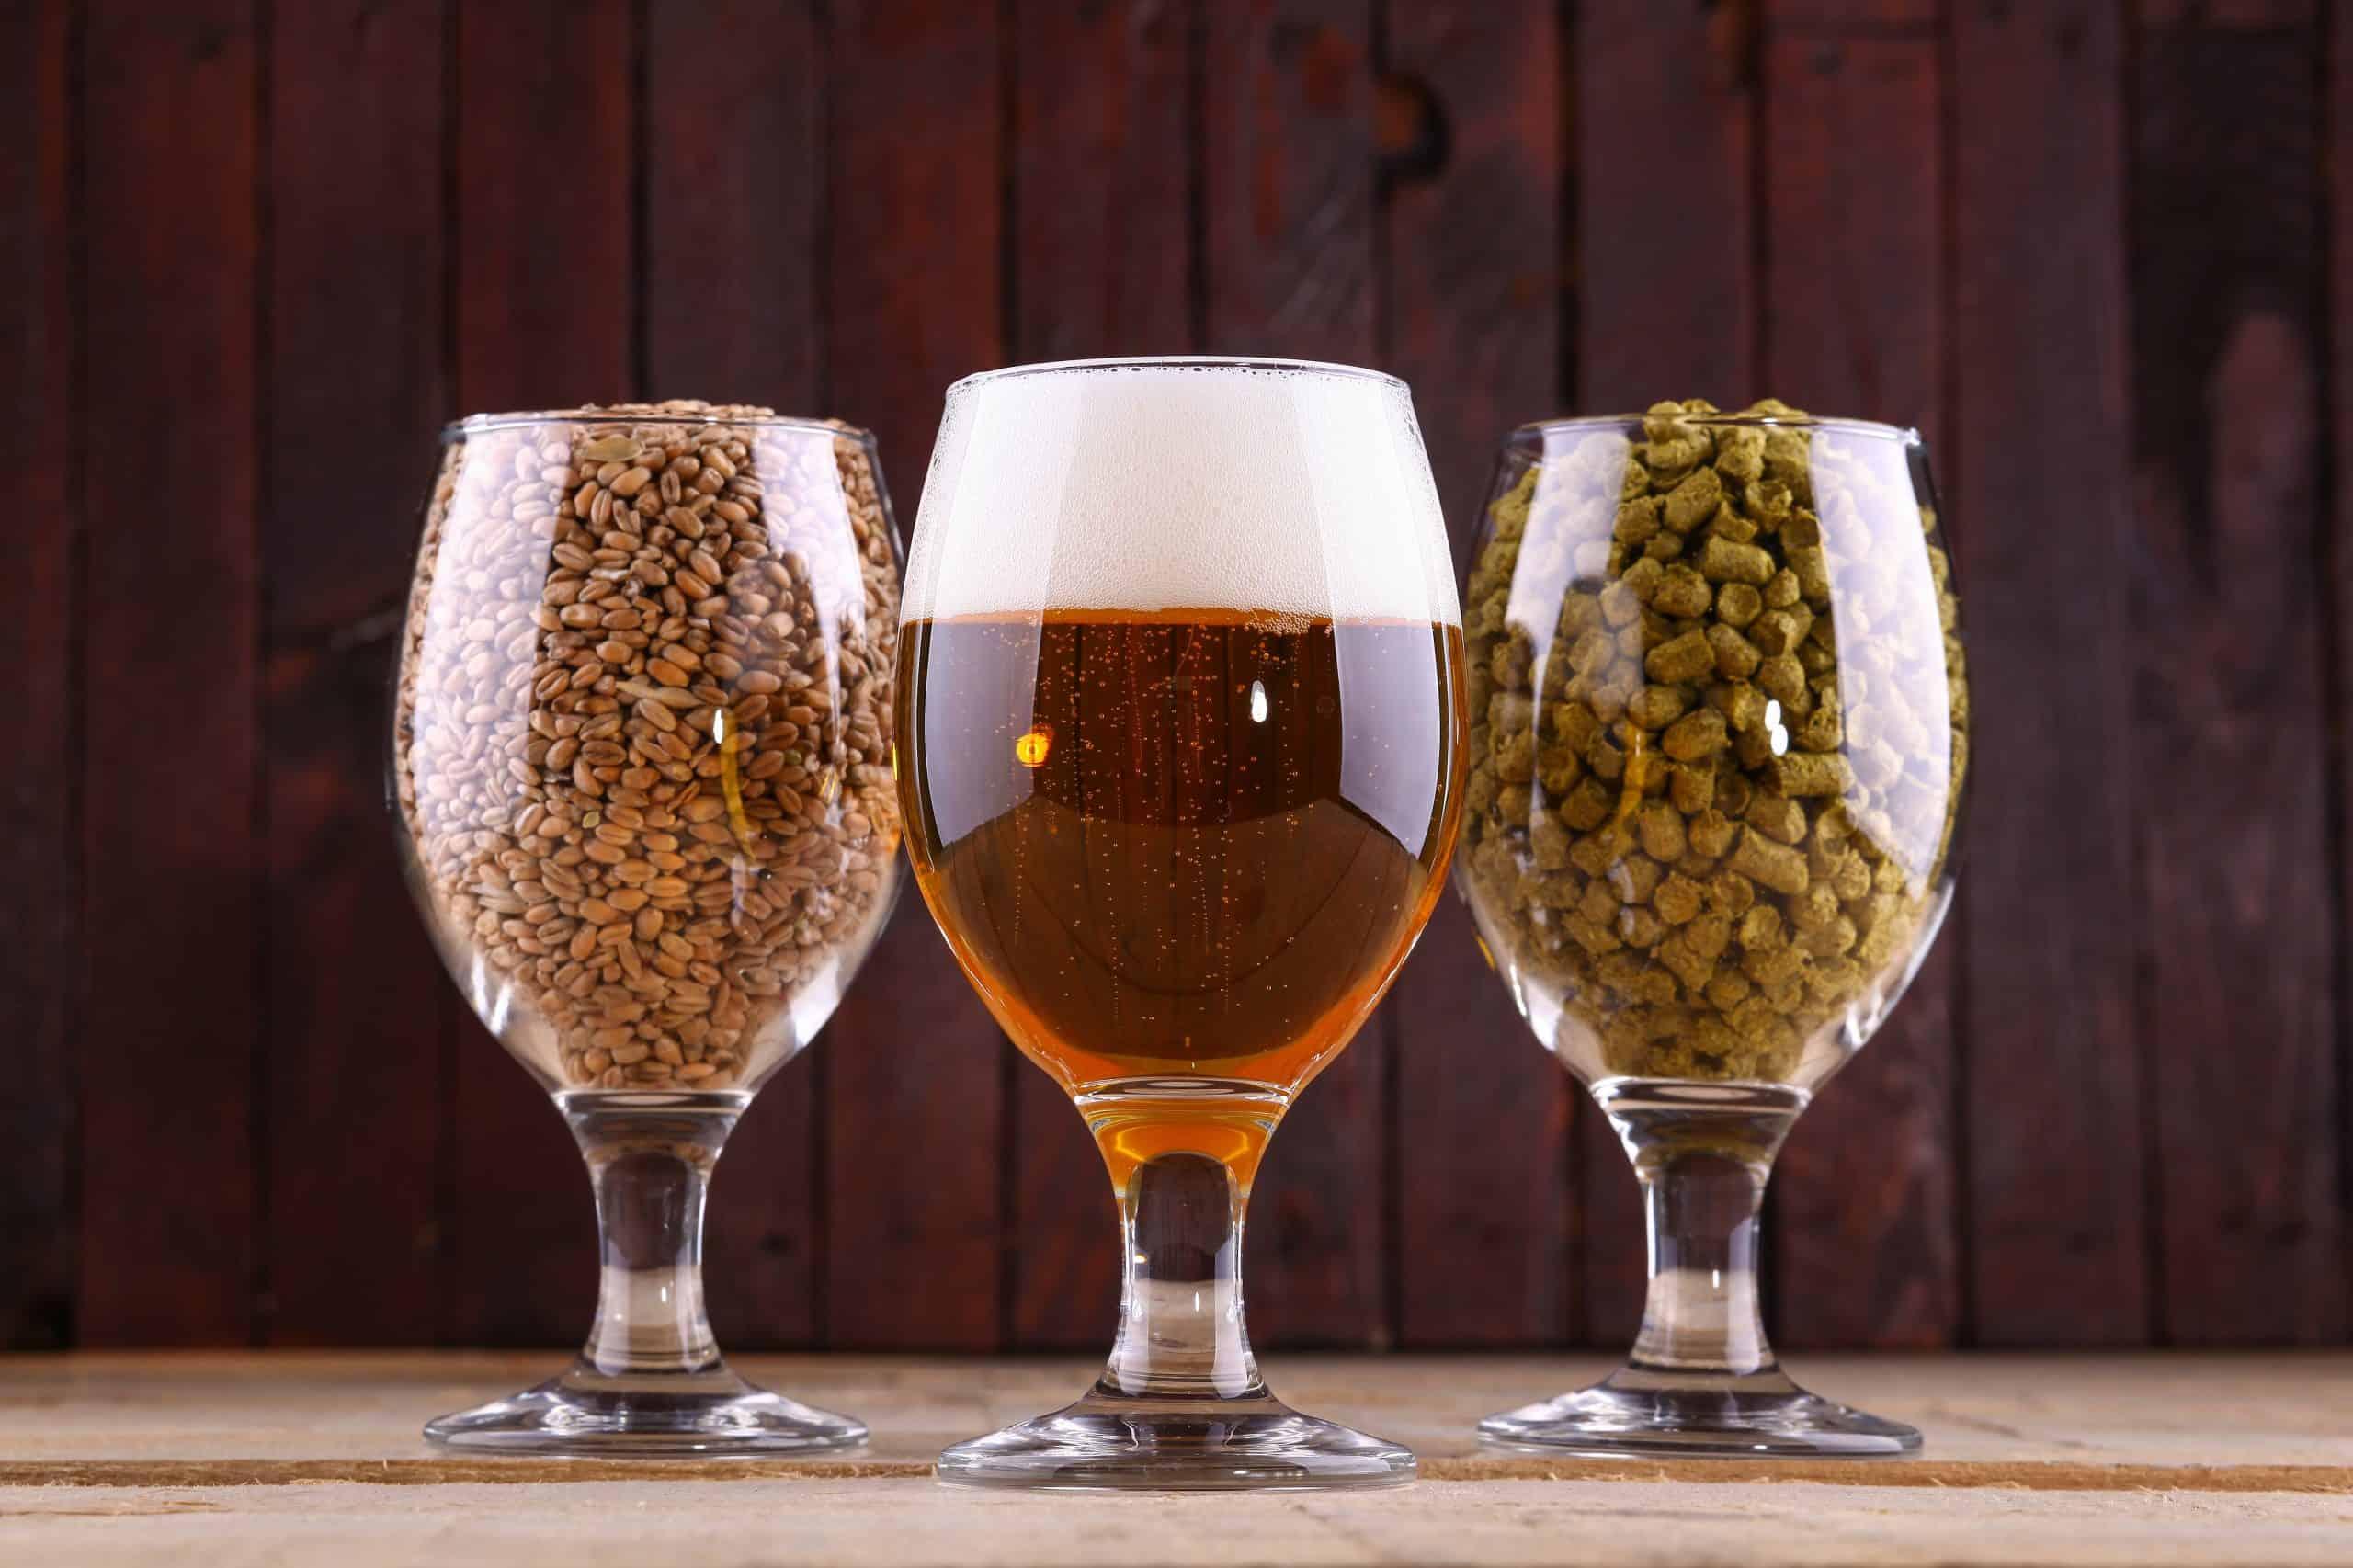 Bierbrillen, Malz und Hopfen auf Holzhintergrund